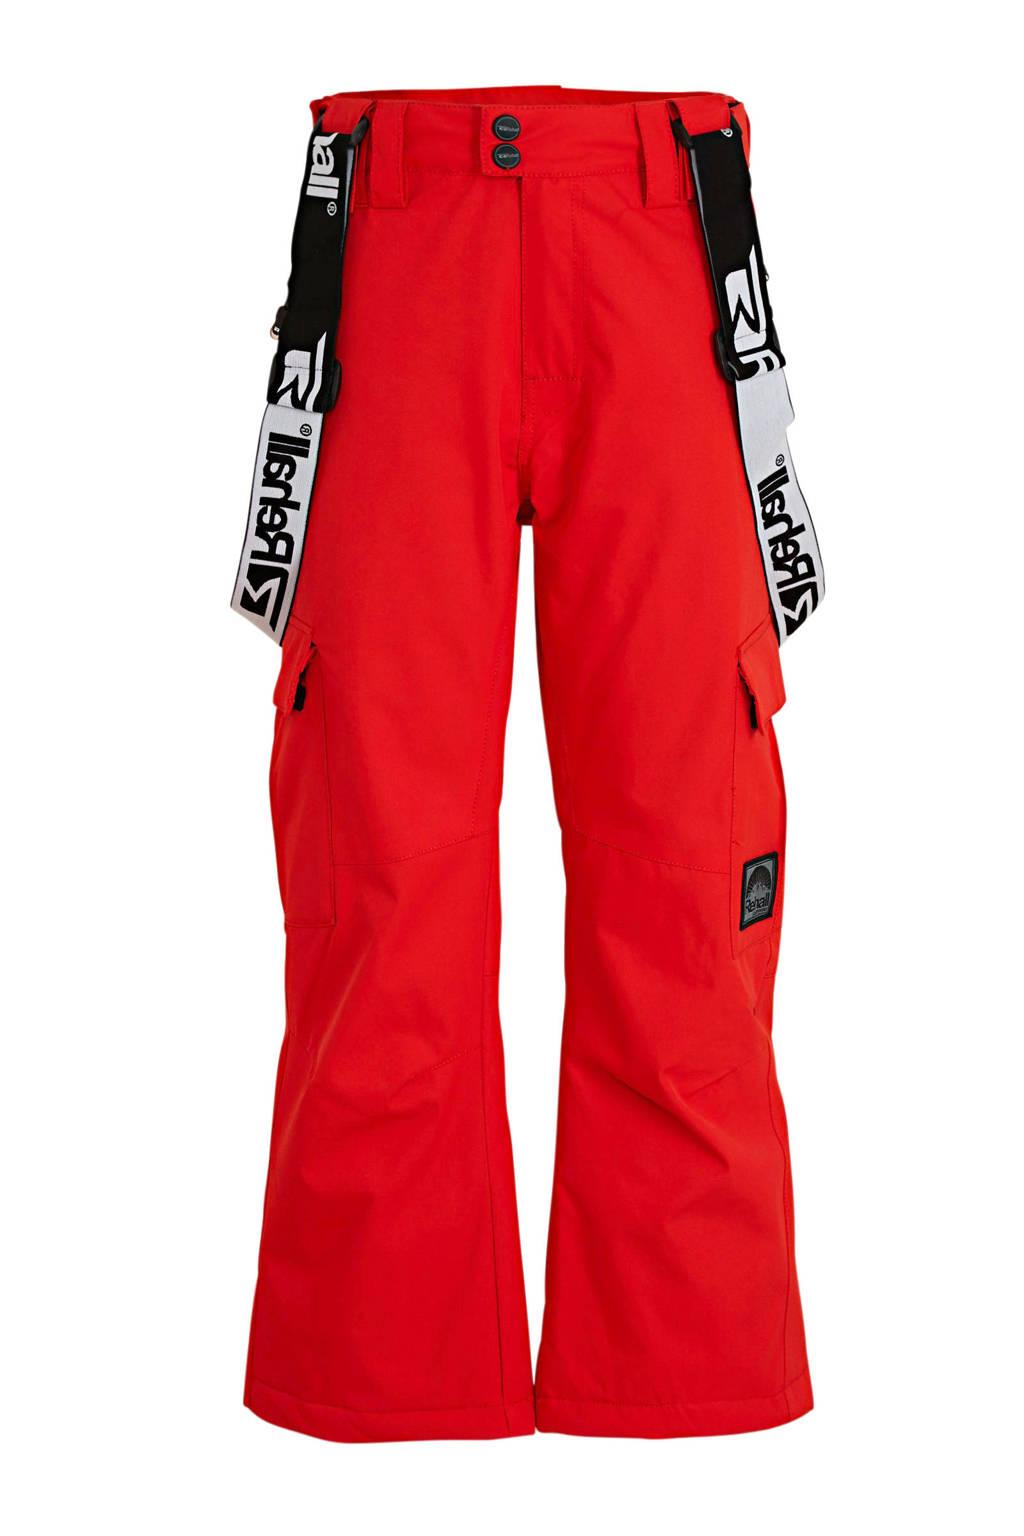 Rehall skibroek Edge-R jr rood, Rood